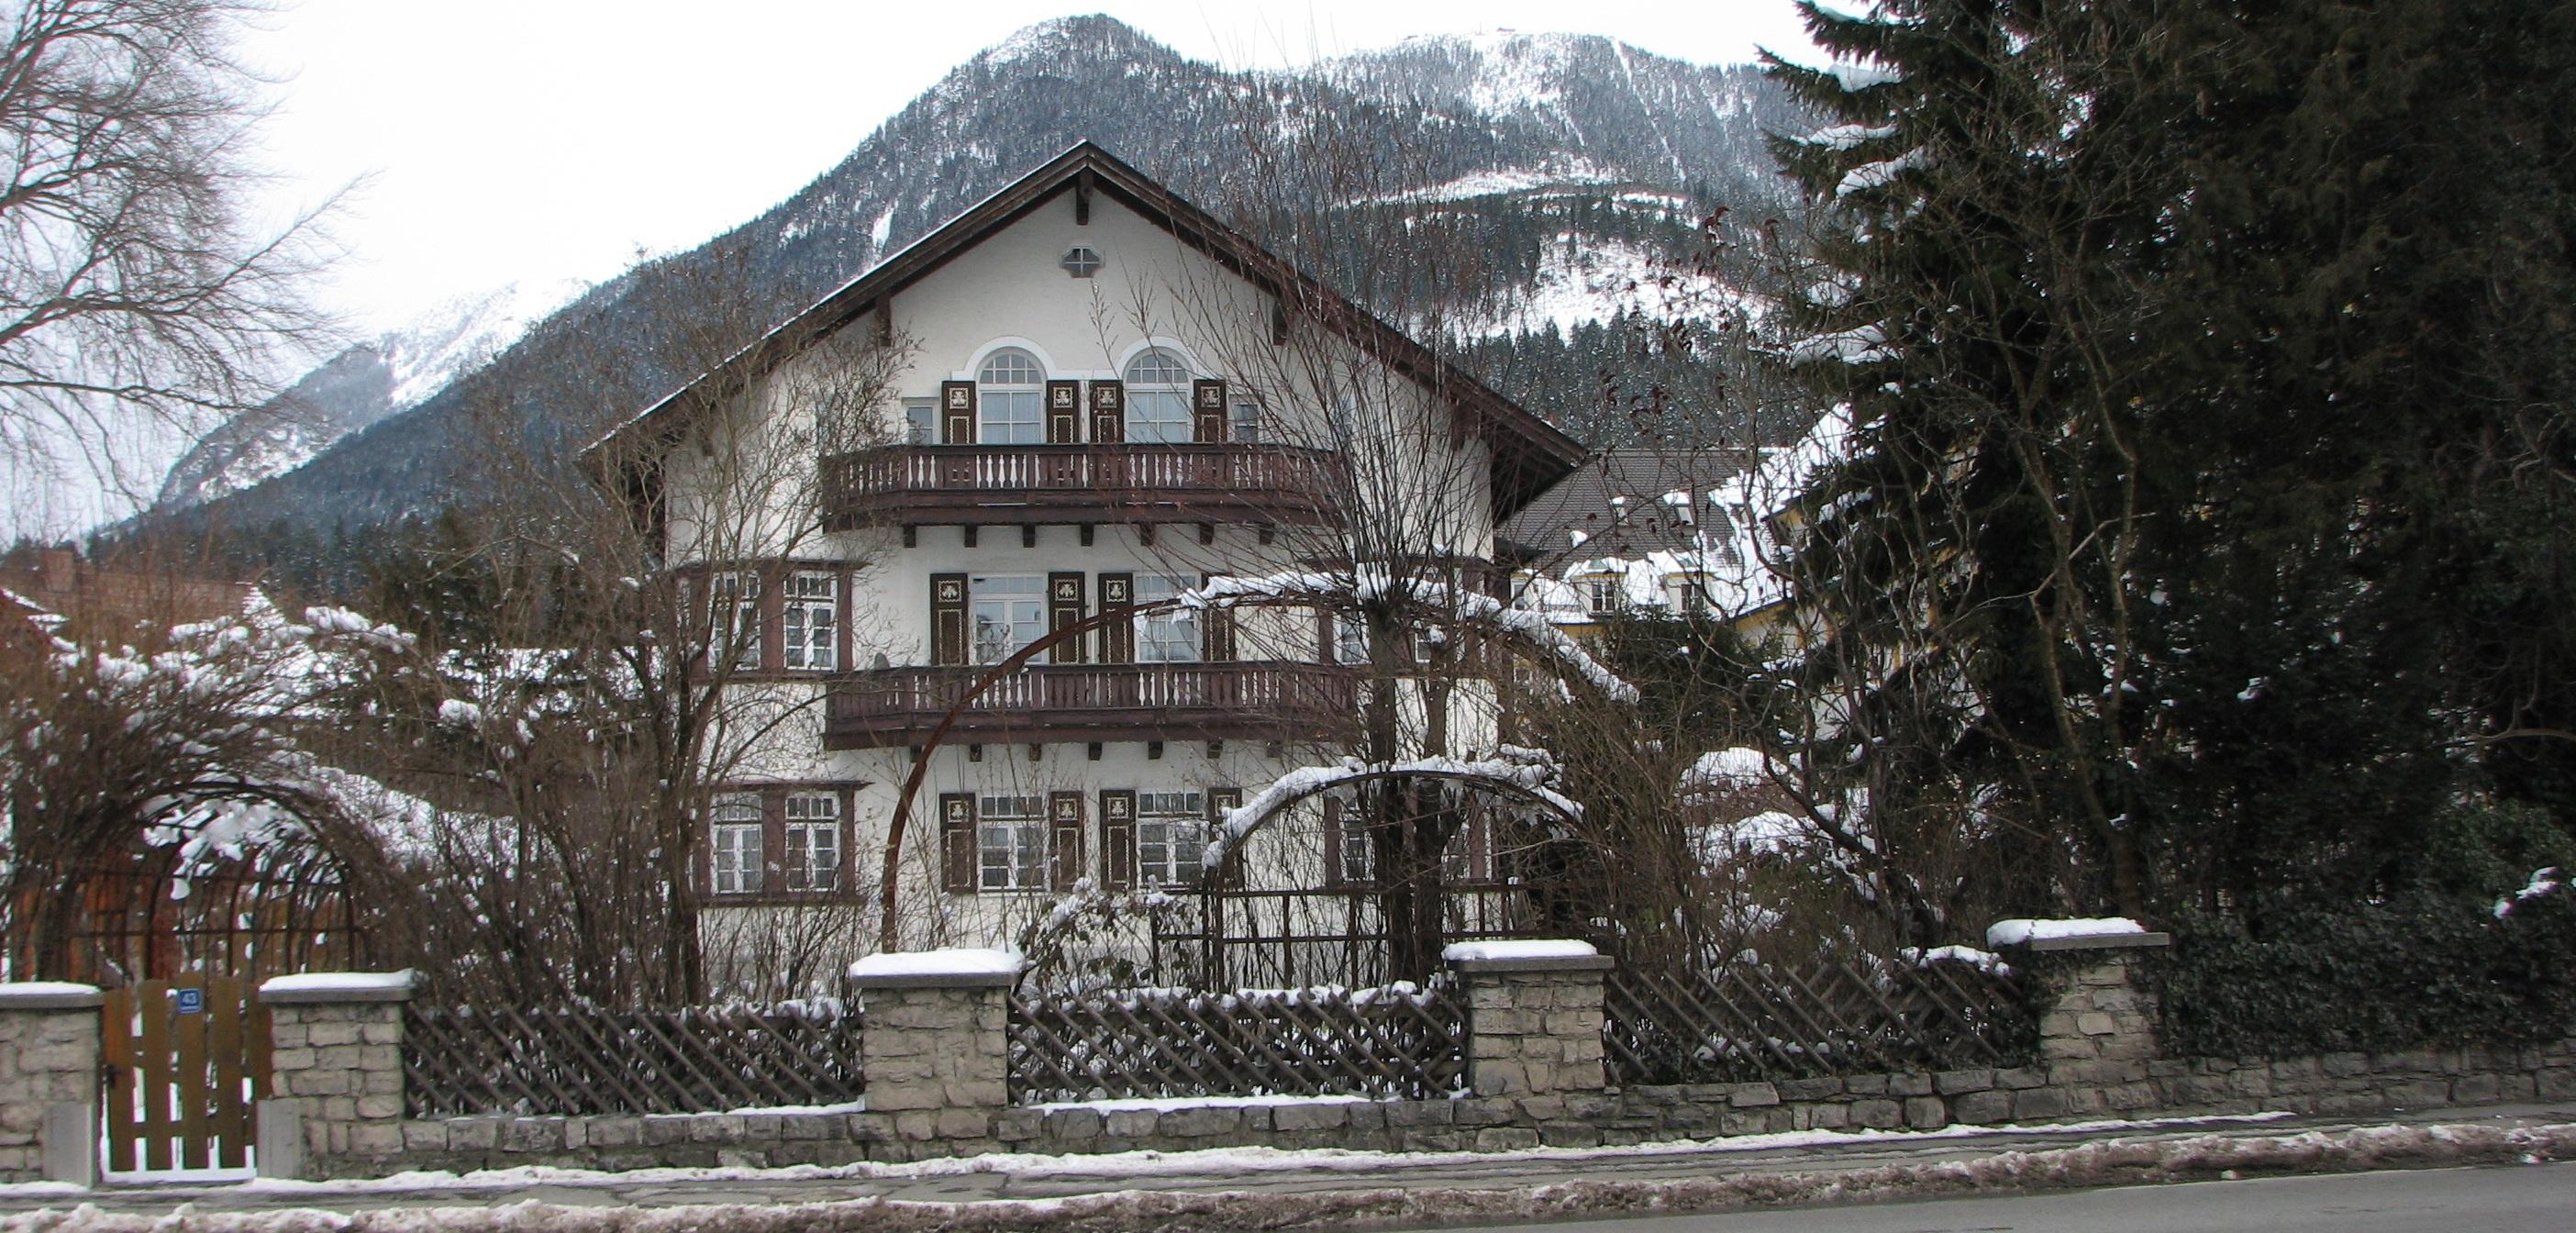 walking through snow in Garmisch